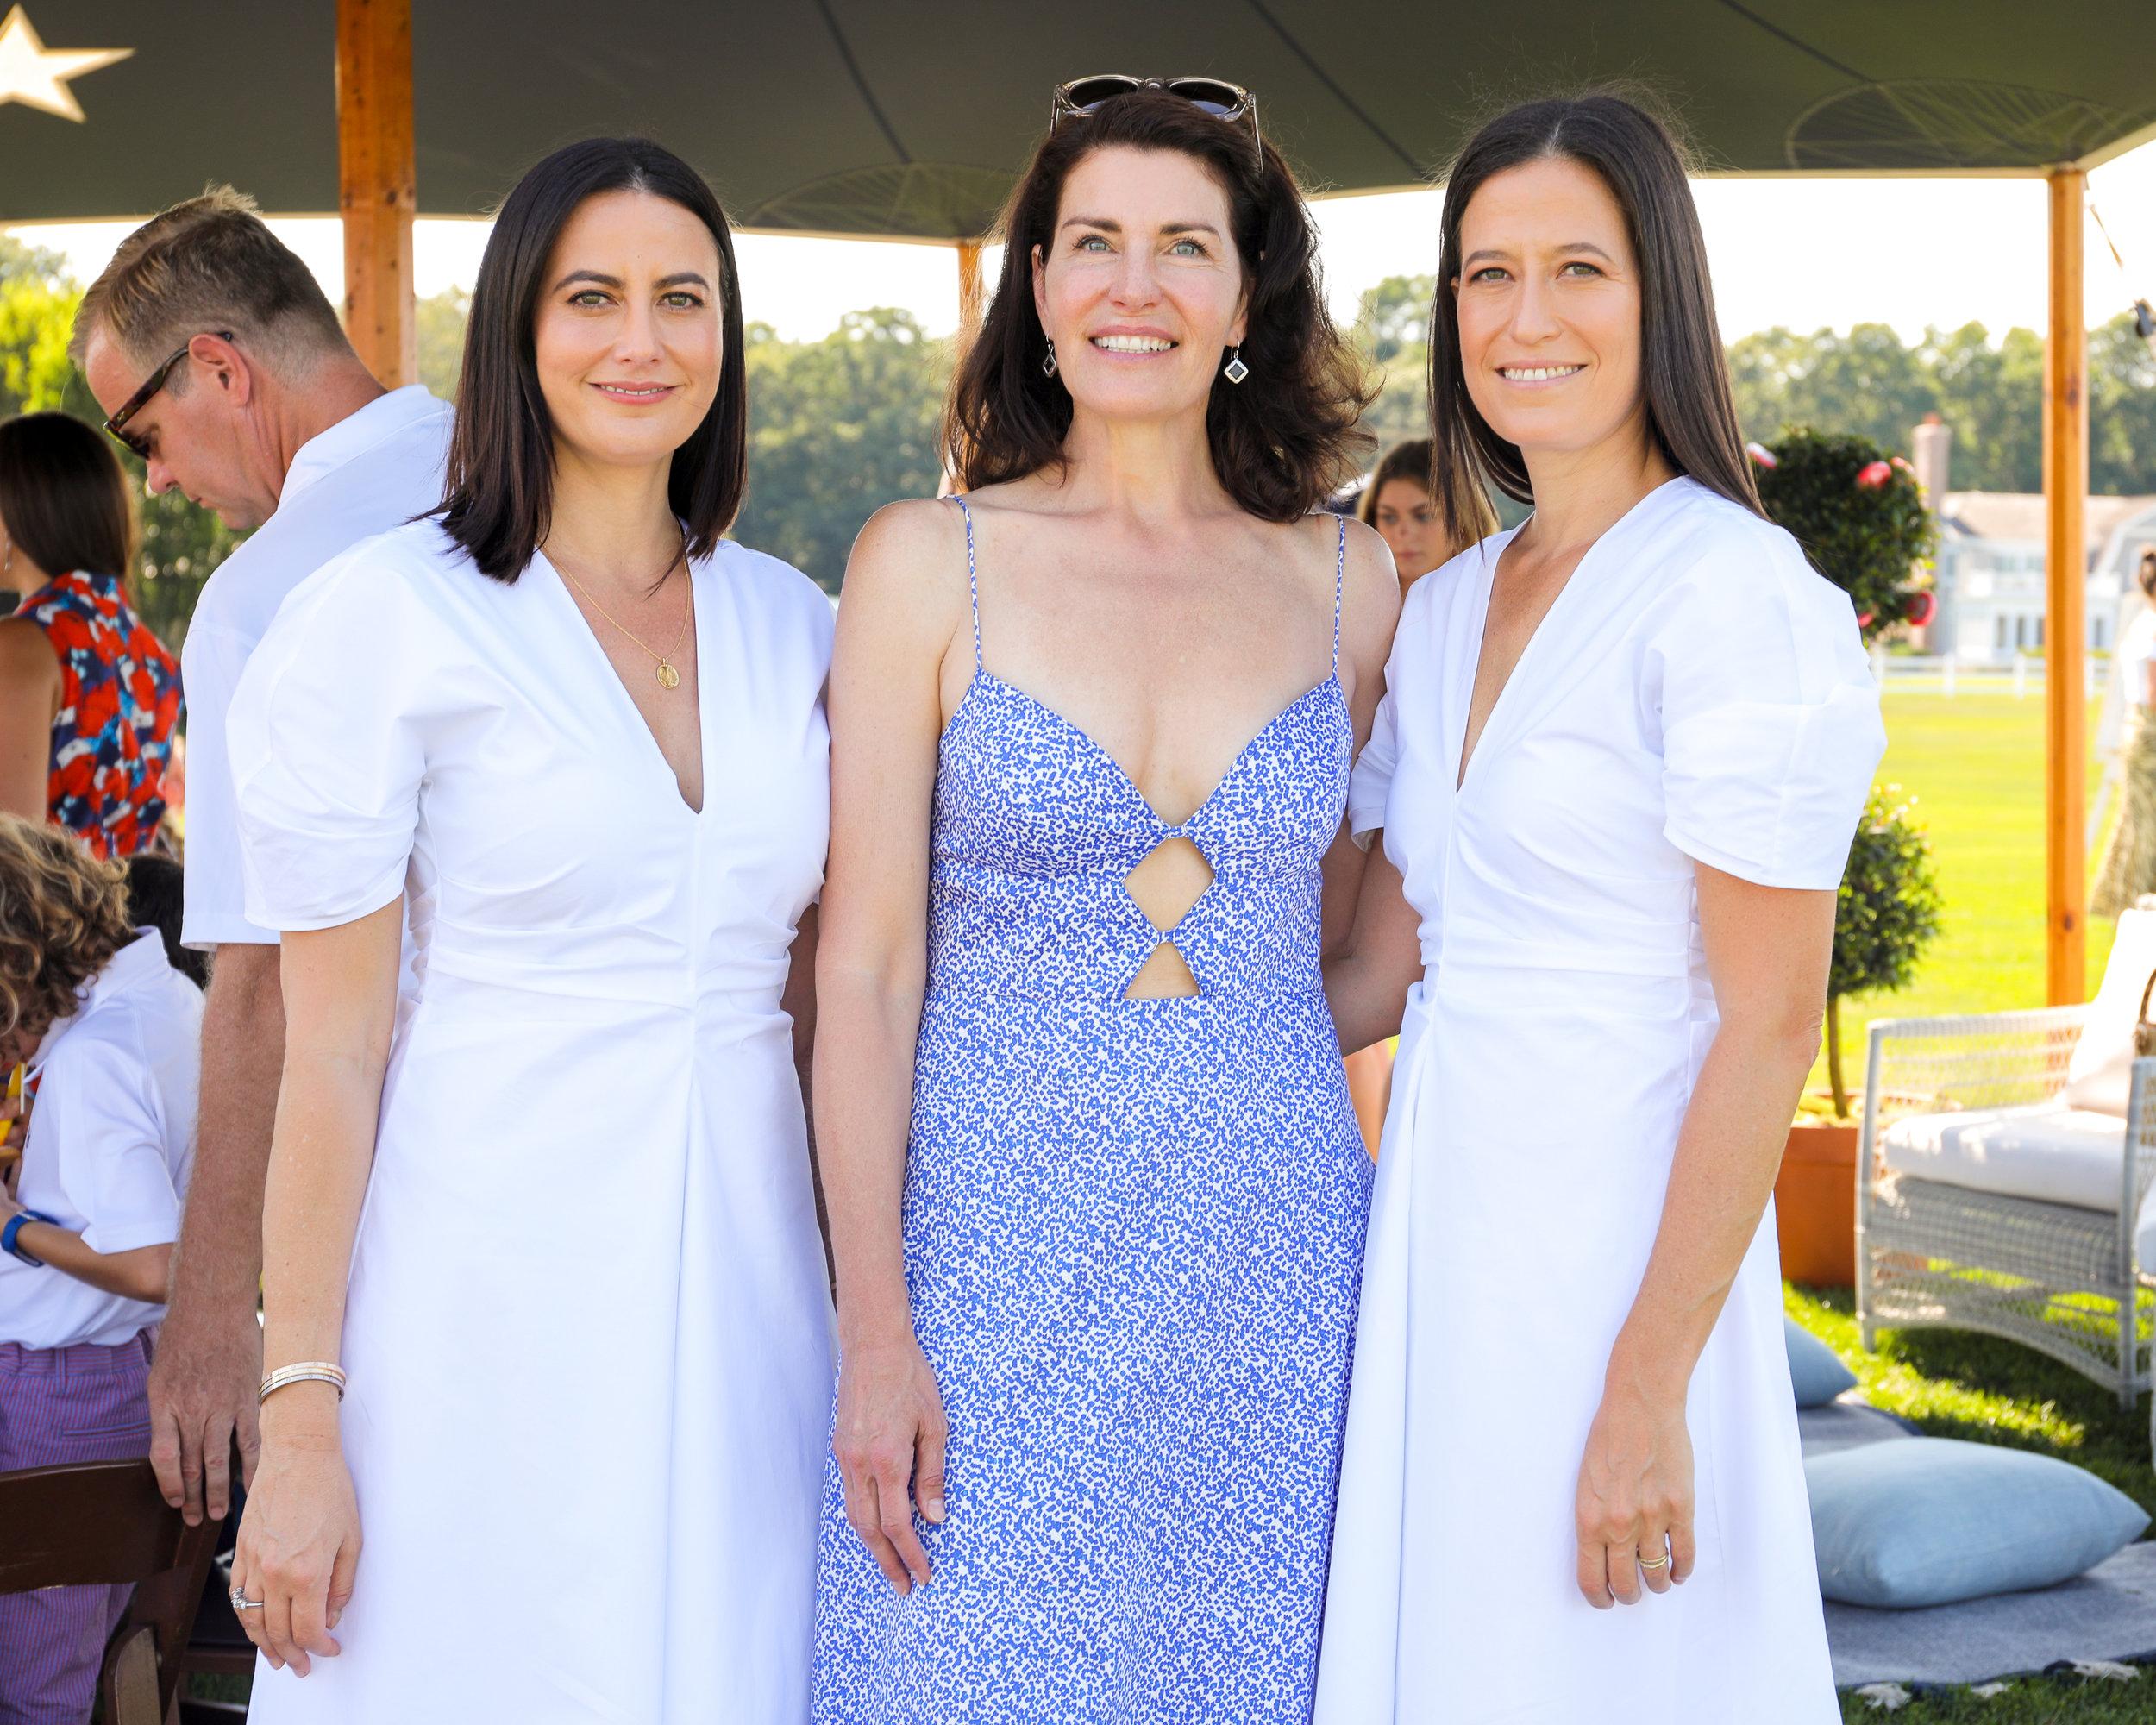 BFA_Lizzie Schaul, Diana DiMenna, Maggie Cordish.jpg